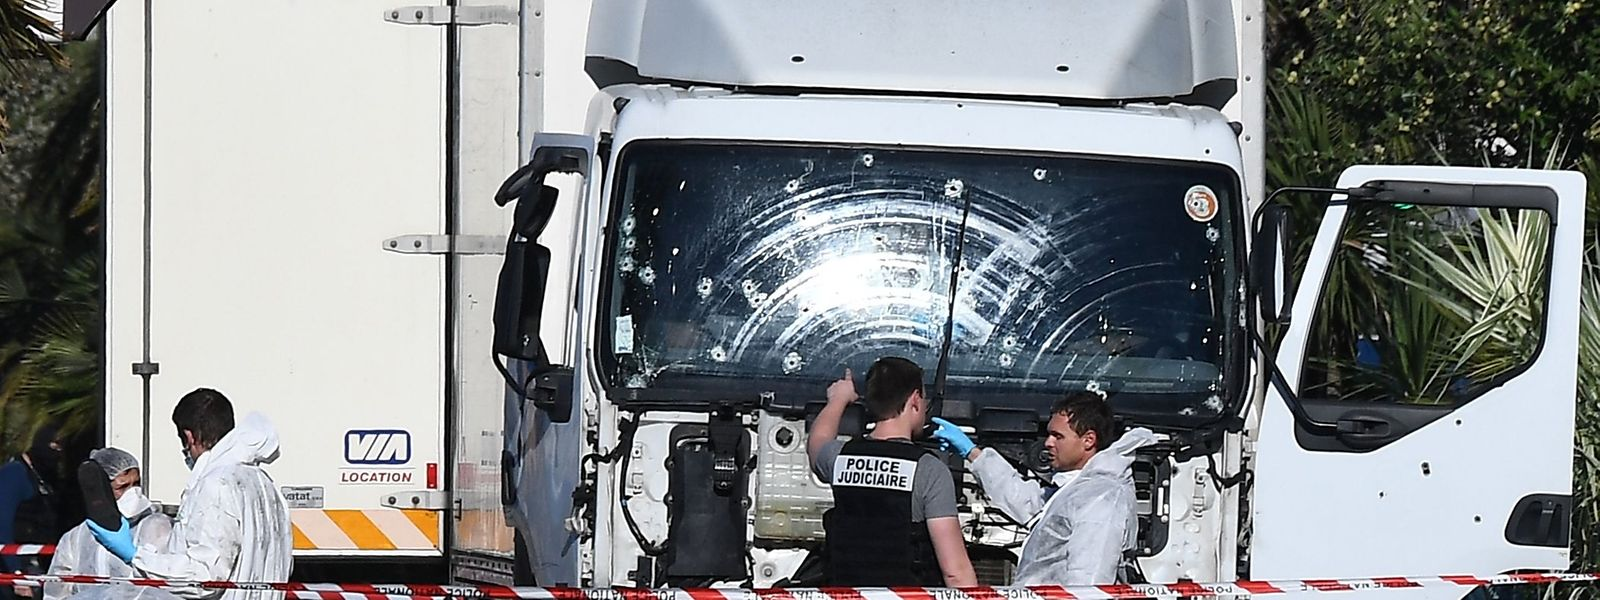 Un camion a foncé dans la foule, provoquant la mort de 86 personnes. Le conducteur lui-même est abattu par des policiers.